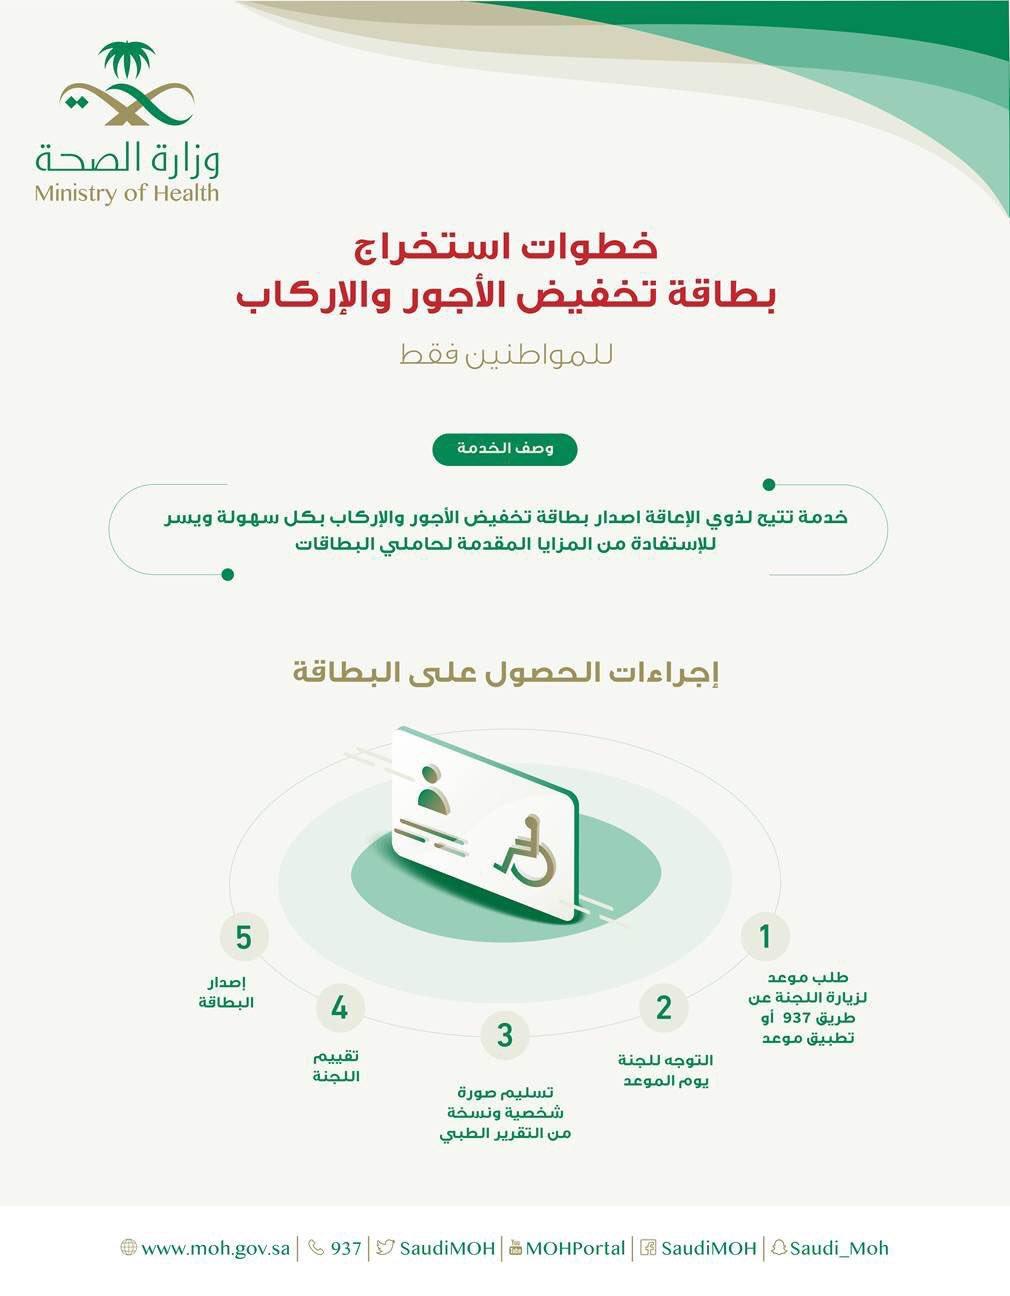 إصدار بطاقة أجور الإركاب للأشخاص ذوي الإعاقة